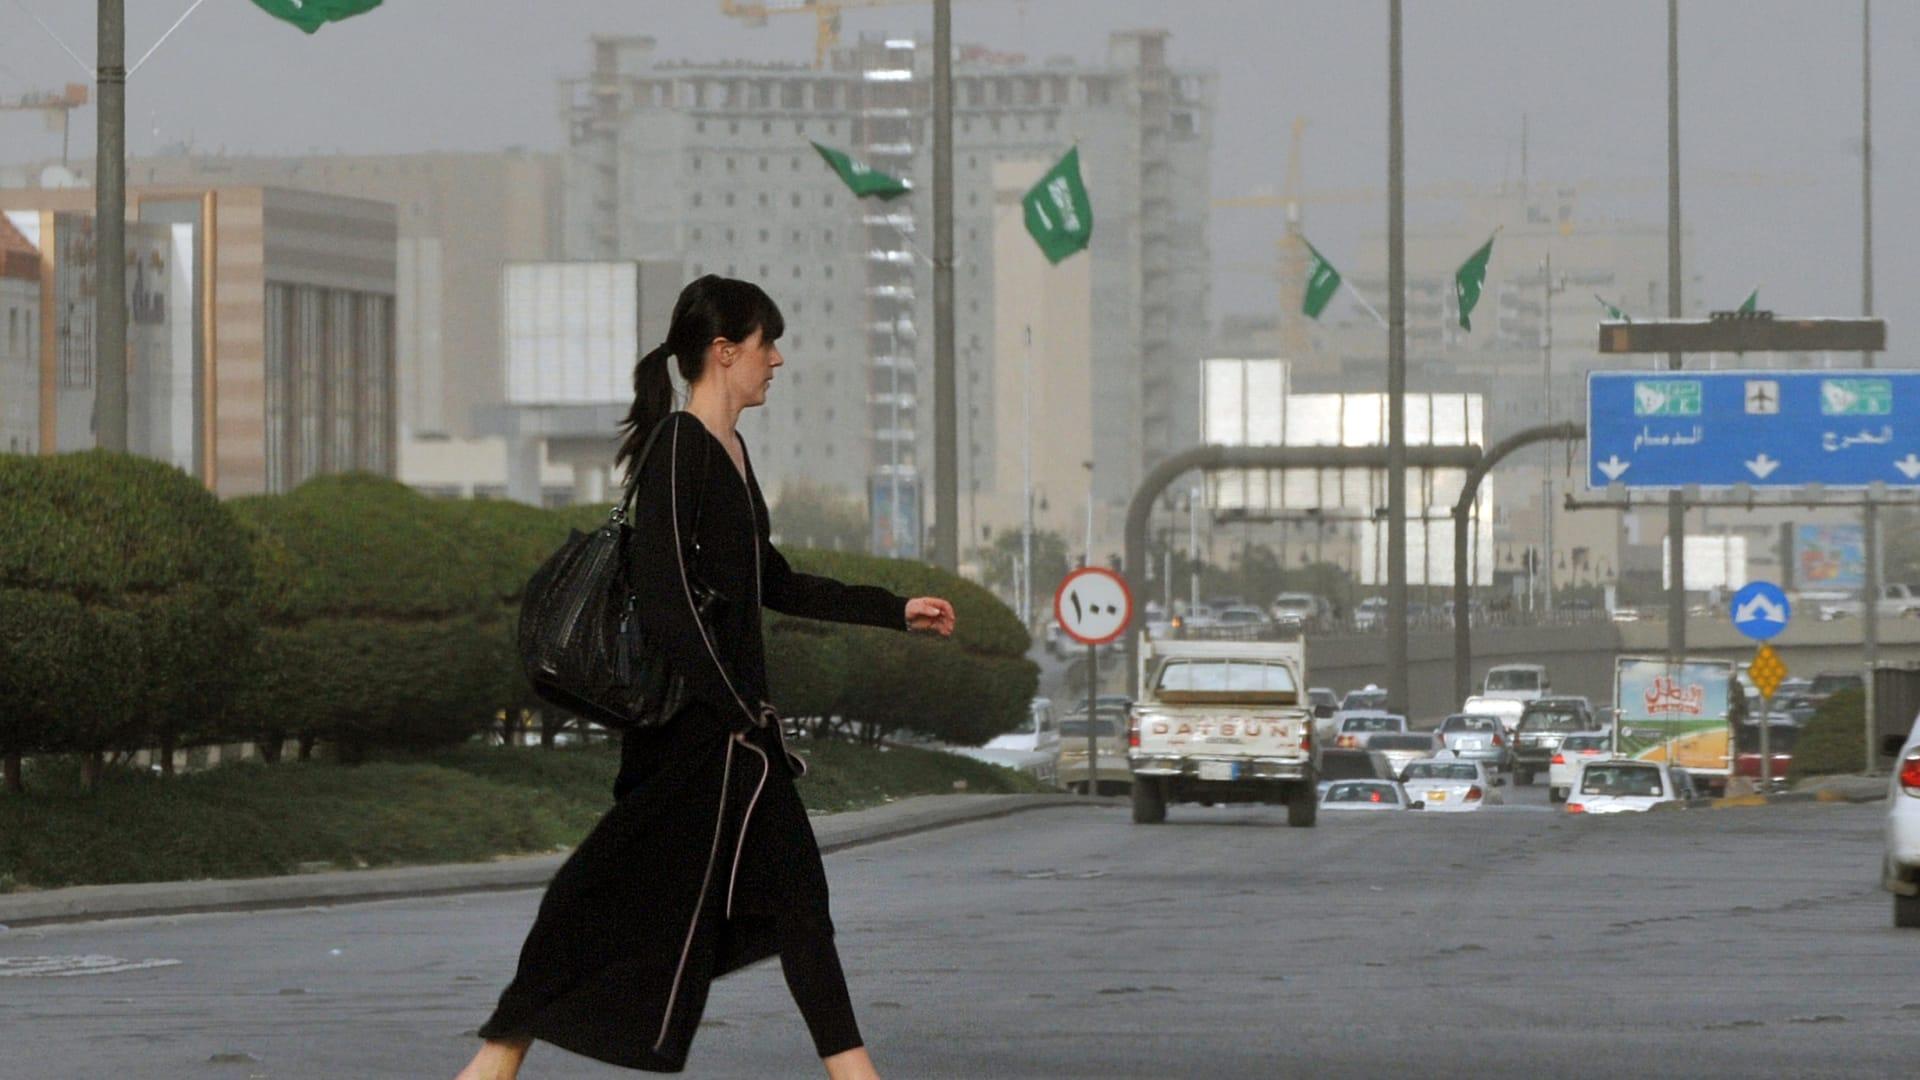 ما سبب اختيار السعودية 51 دولة فقط في التأشيرة السياحية الجديدة؟